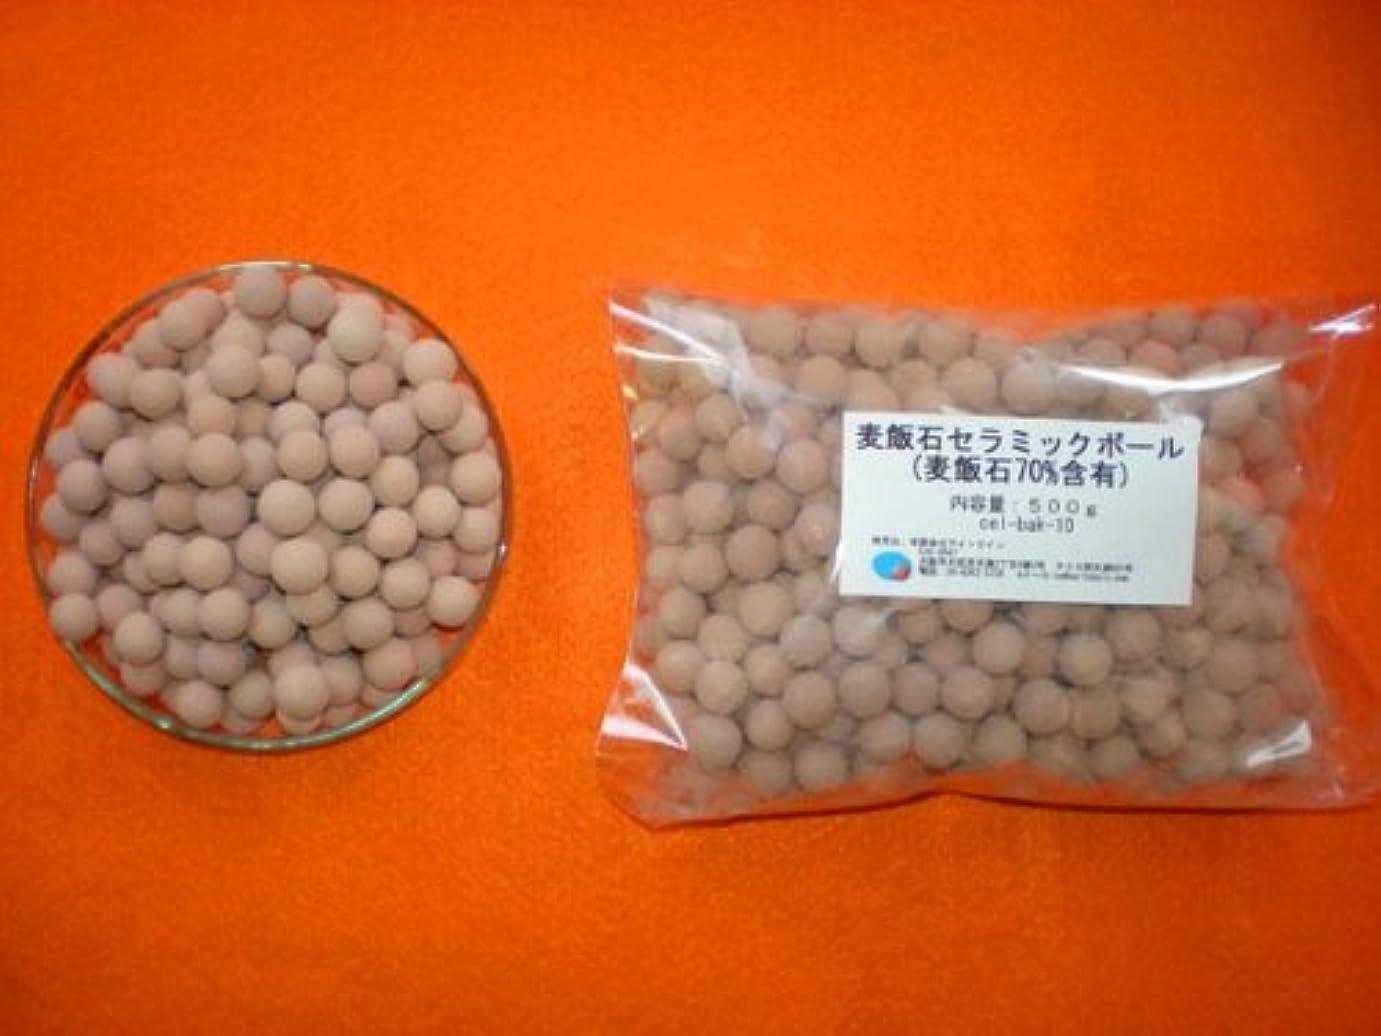 急ぐ土曜日嫌がる麦飯石セラミックボール 直径10ミリ/1000g